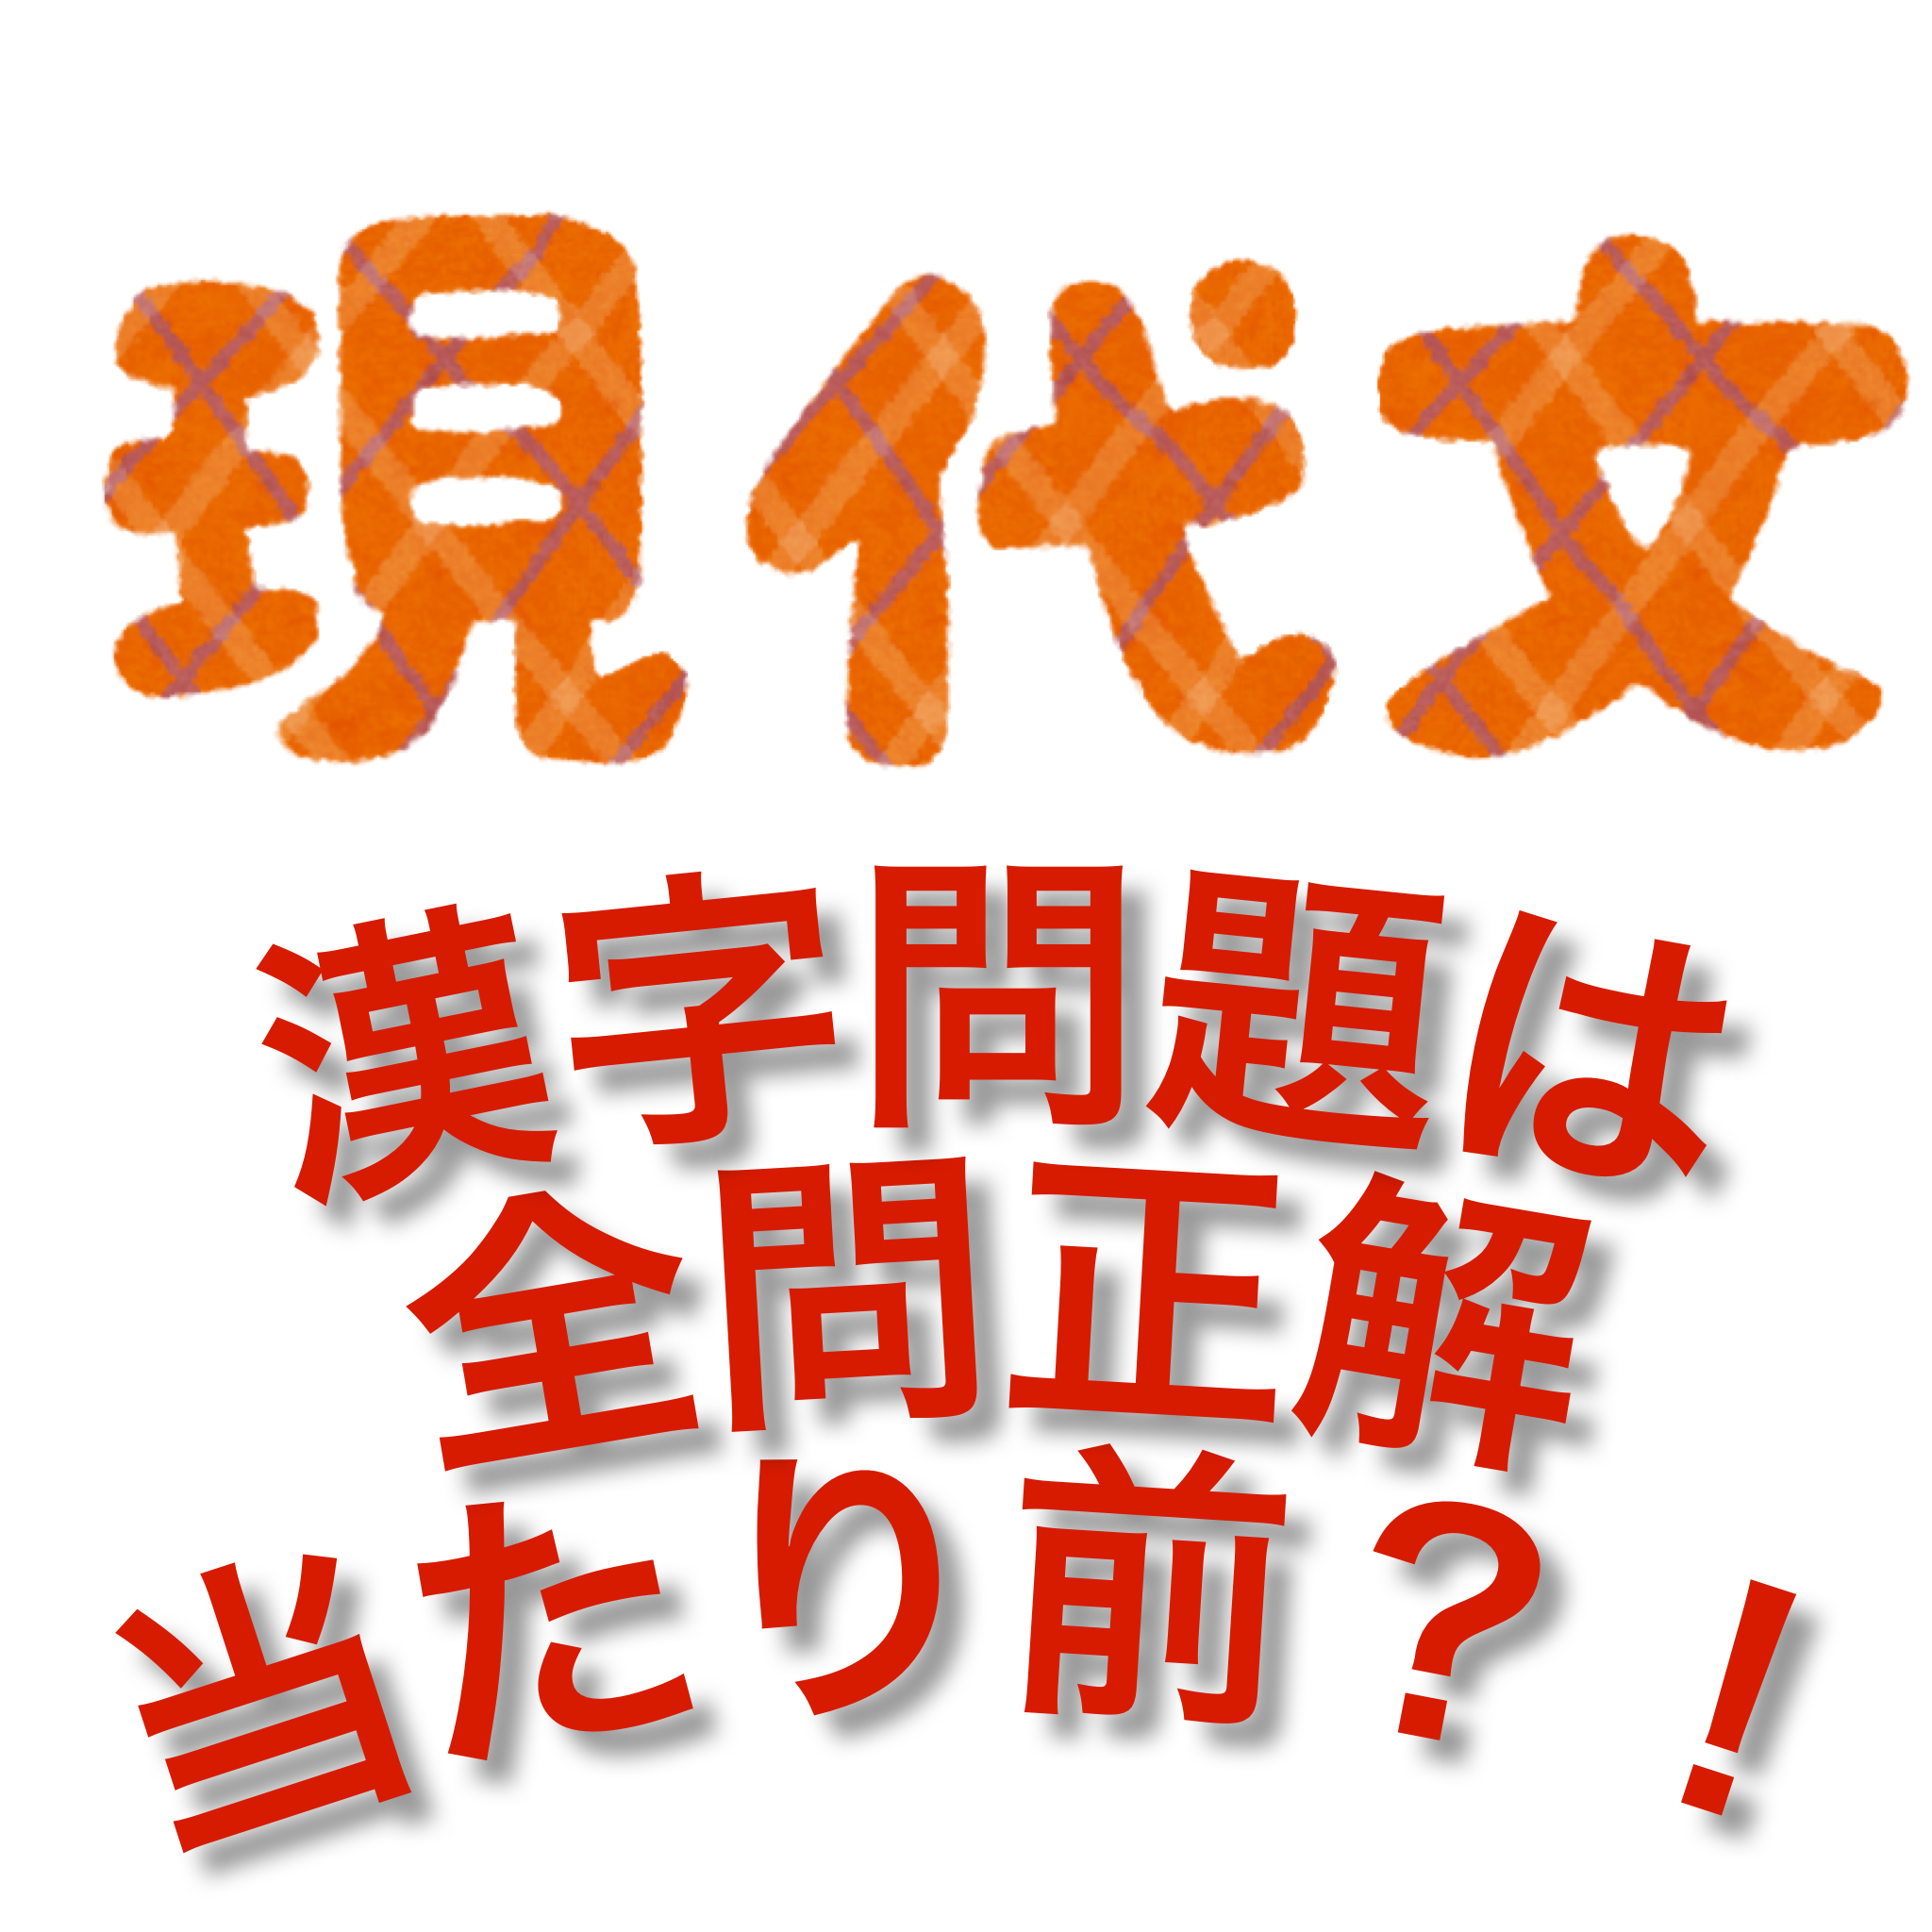 大学受験 現代文 漢字問題